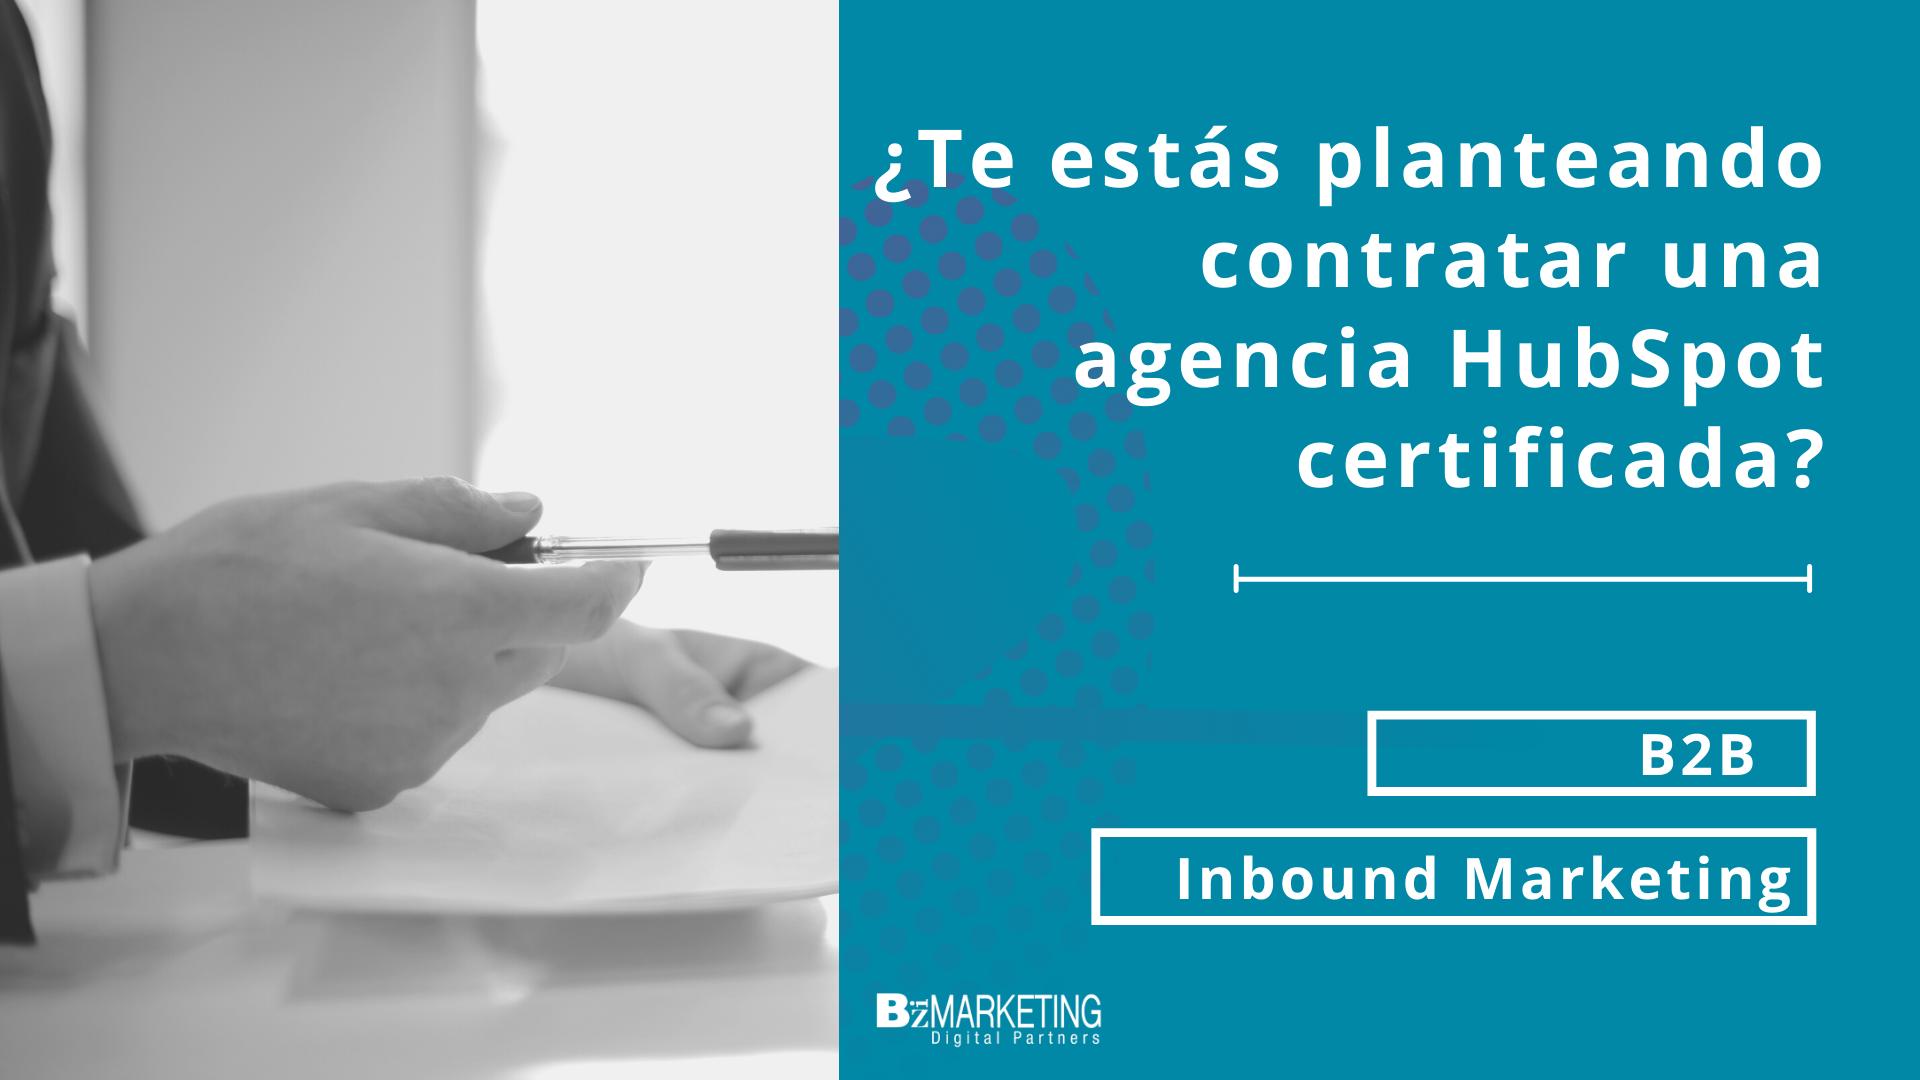 ¿Te estás planteando contratar una agencia HubSpot certificada? BizMarketing